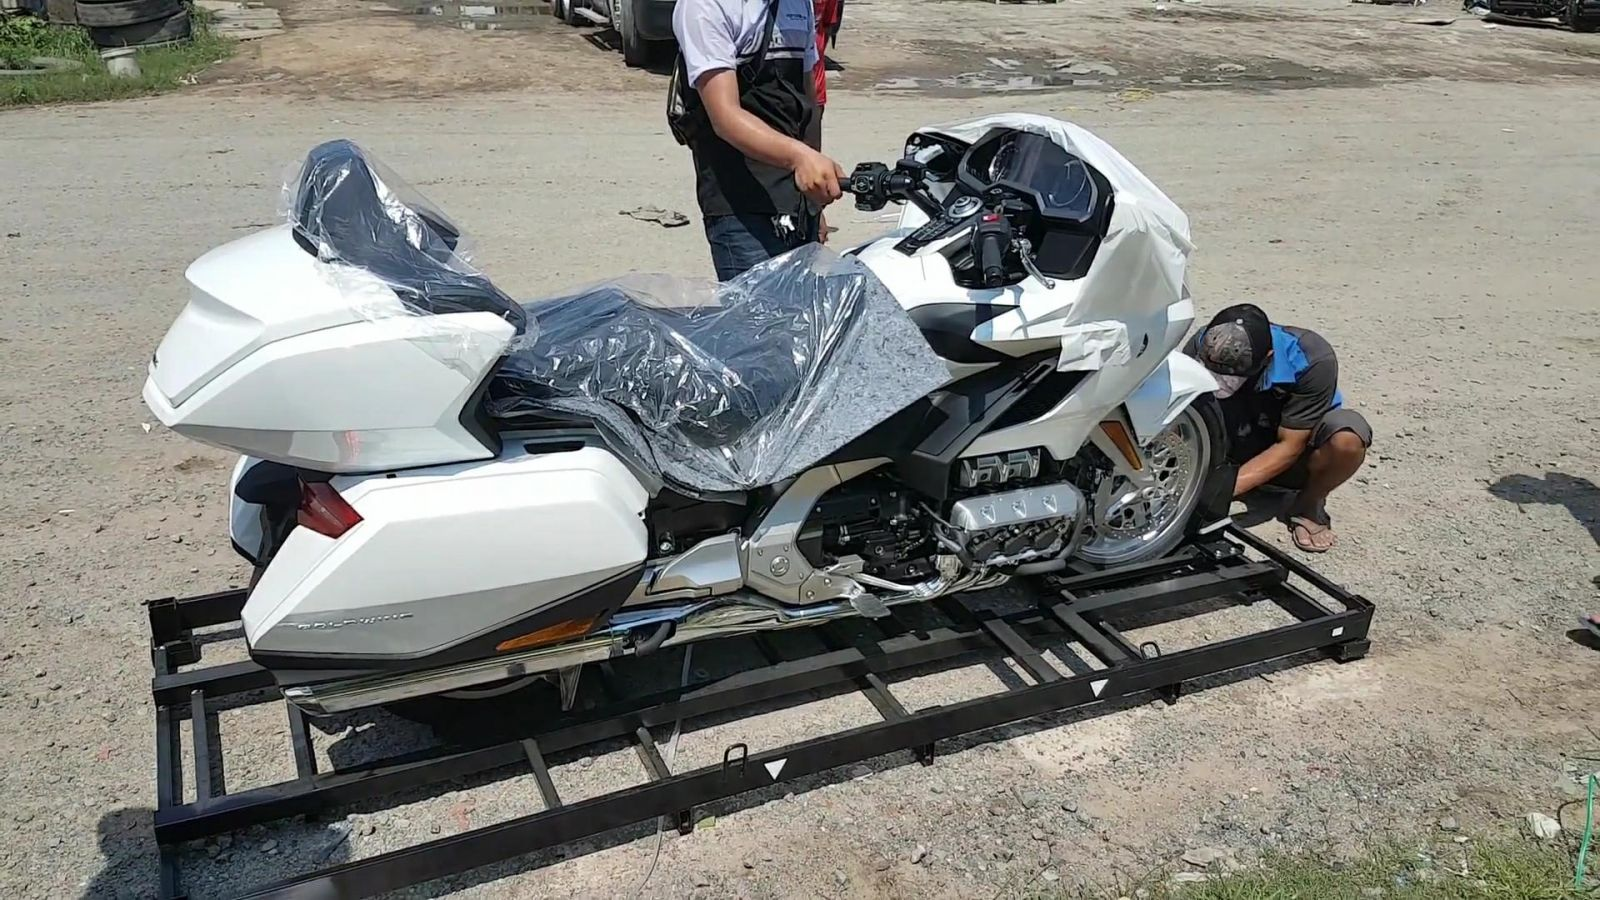 Khui hàng Honda Goldwing 1.833cc đầu tiên về Việt Nam !